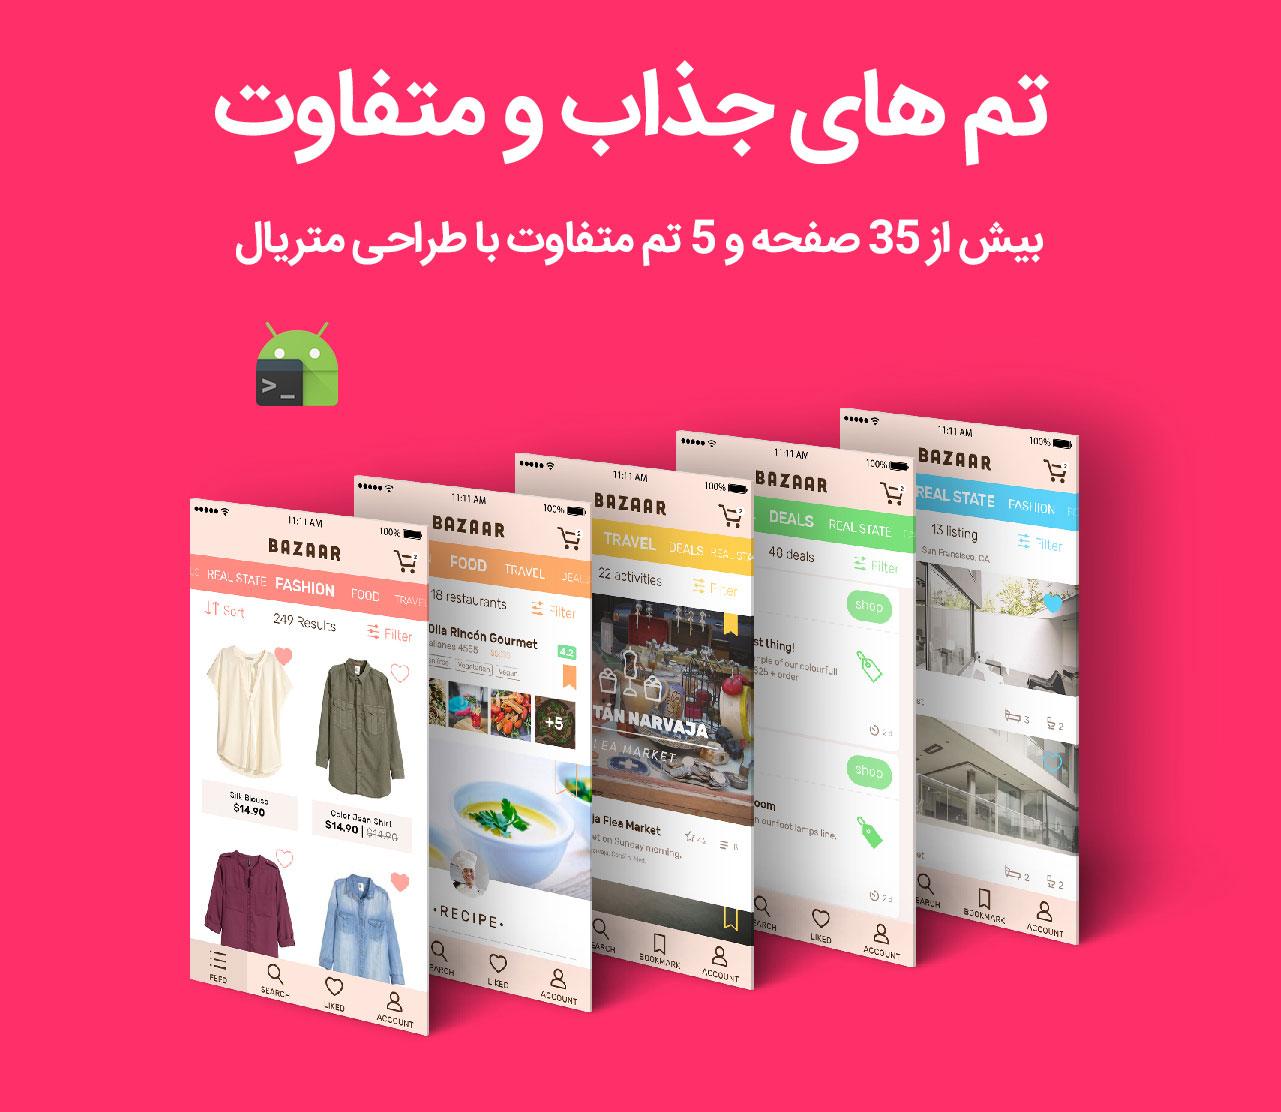 طراحی متریال سورس فروشگاهی ووکامرس